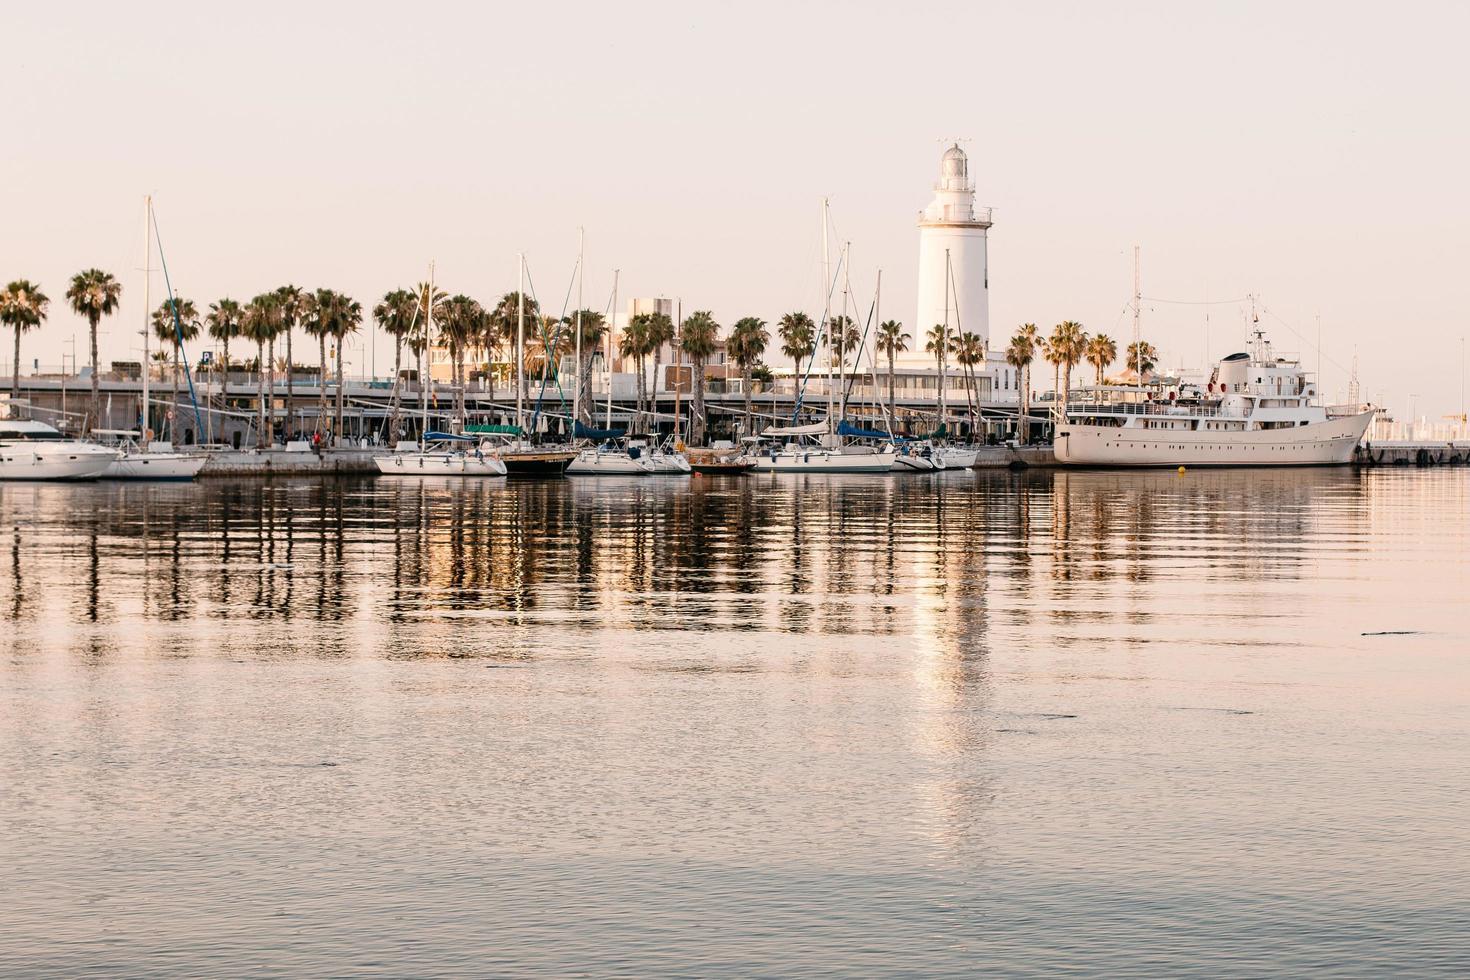 Marina boats docked photo